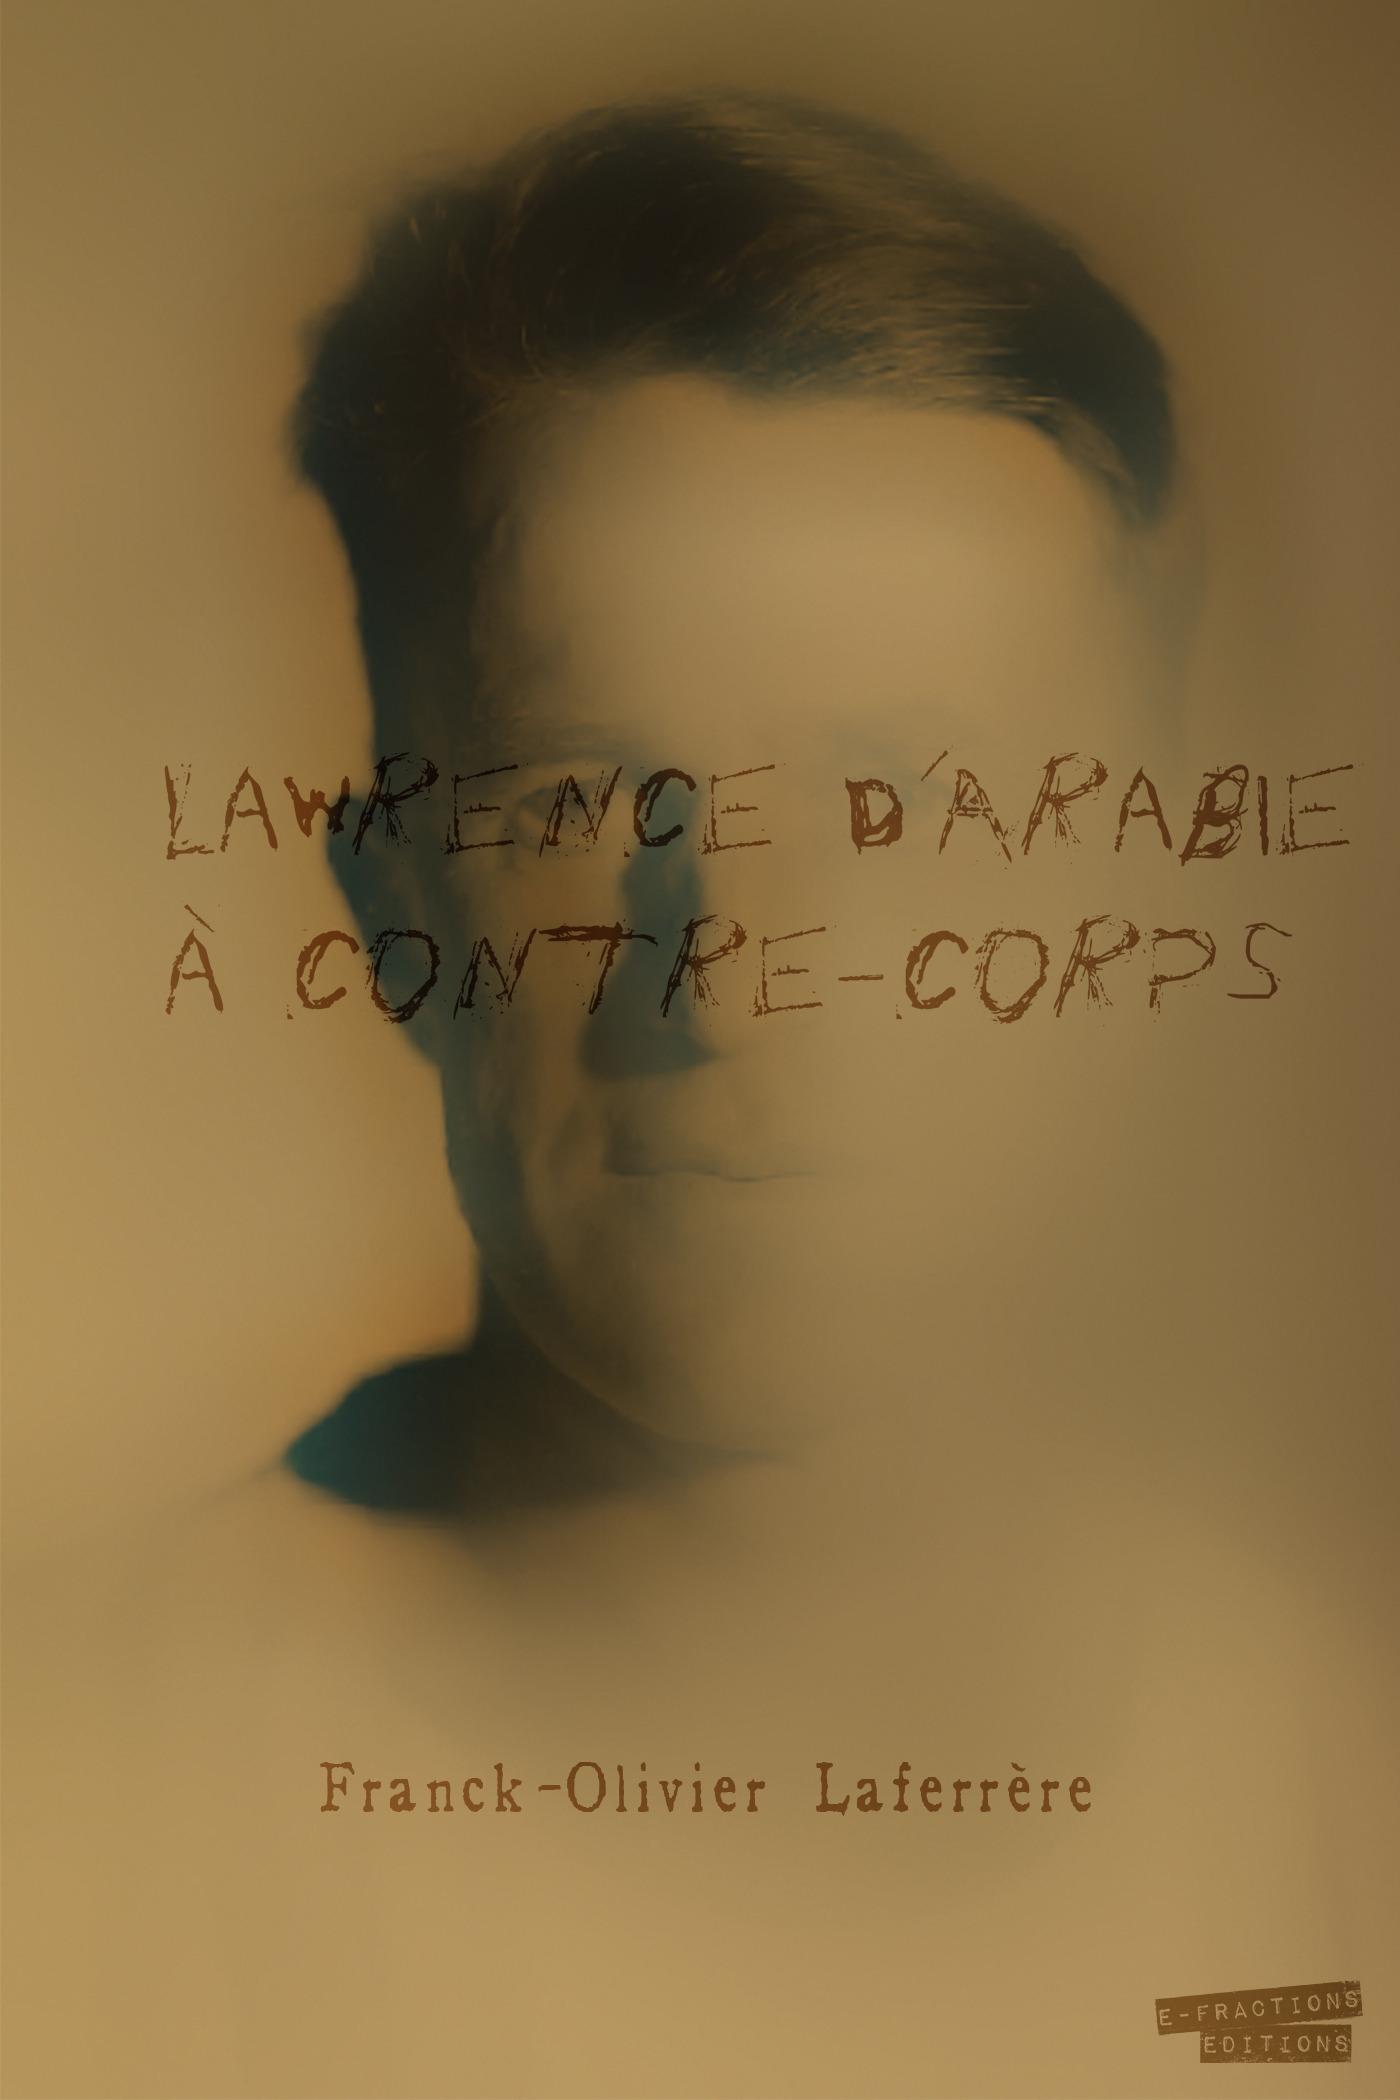 Lawrence d'Arabie À contre-corps